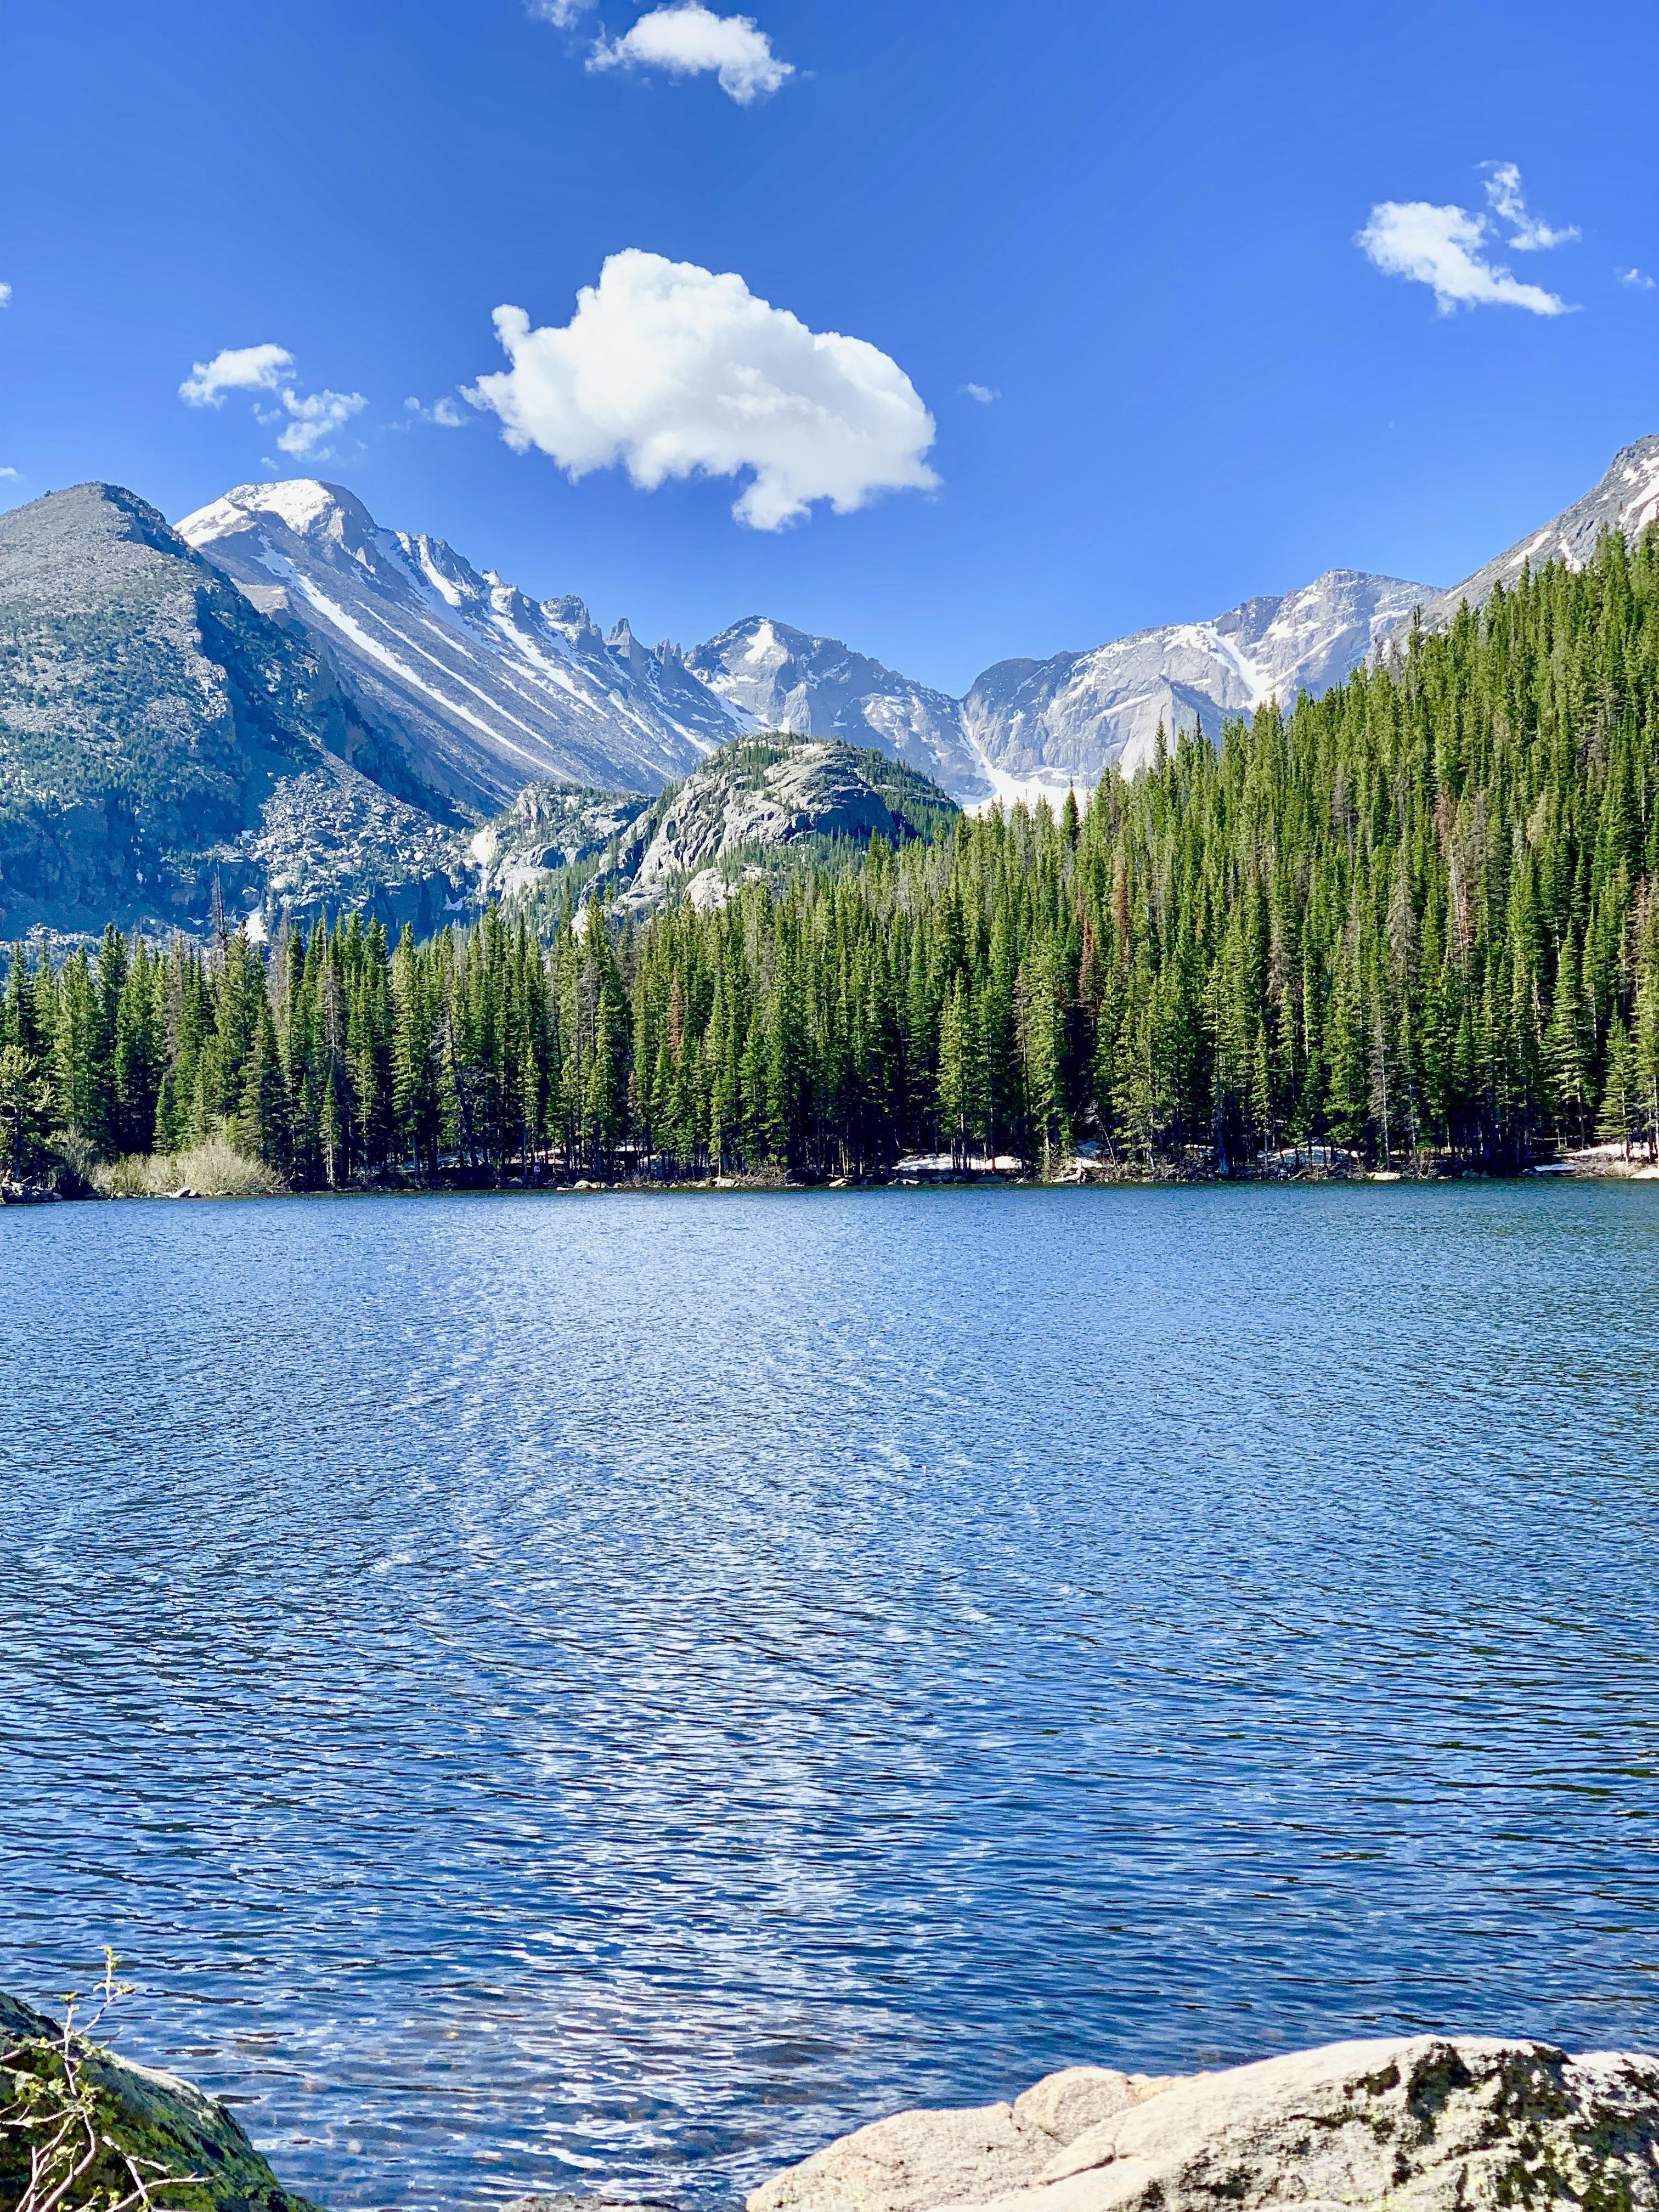 Rocky Mountain National Park Colorado Beautifulnature Naturephotography Photography Mountain Pictures Rocky Mountain National National Parks Photography